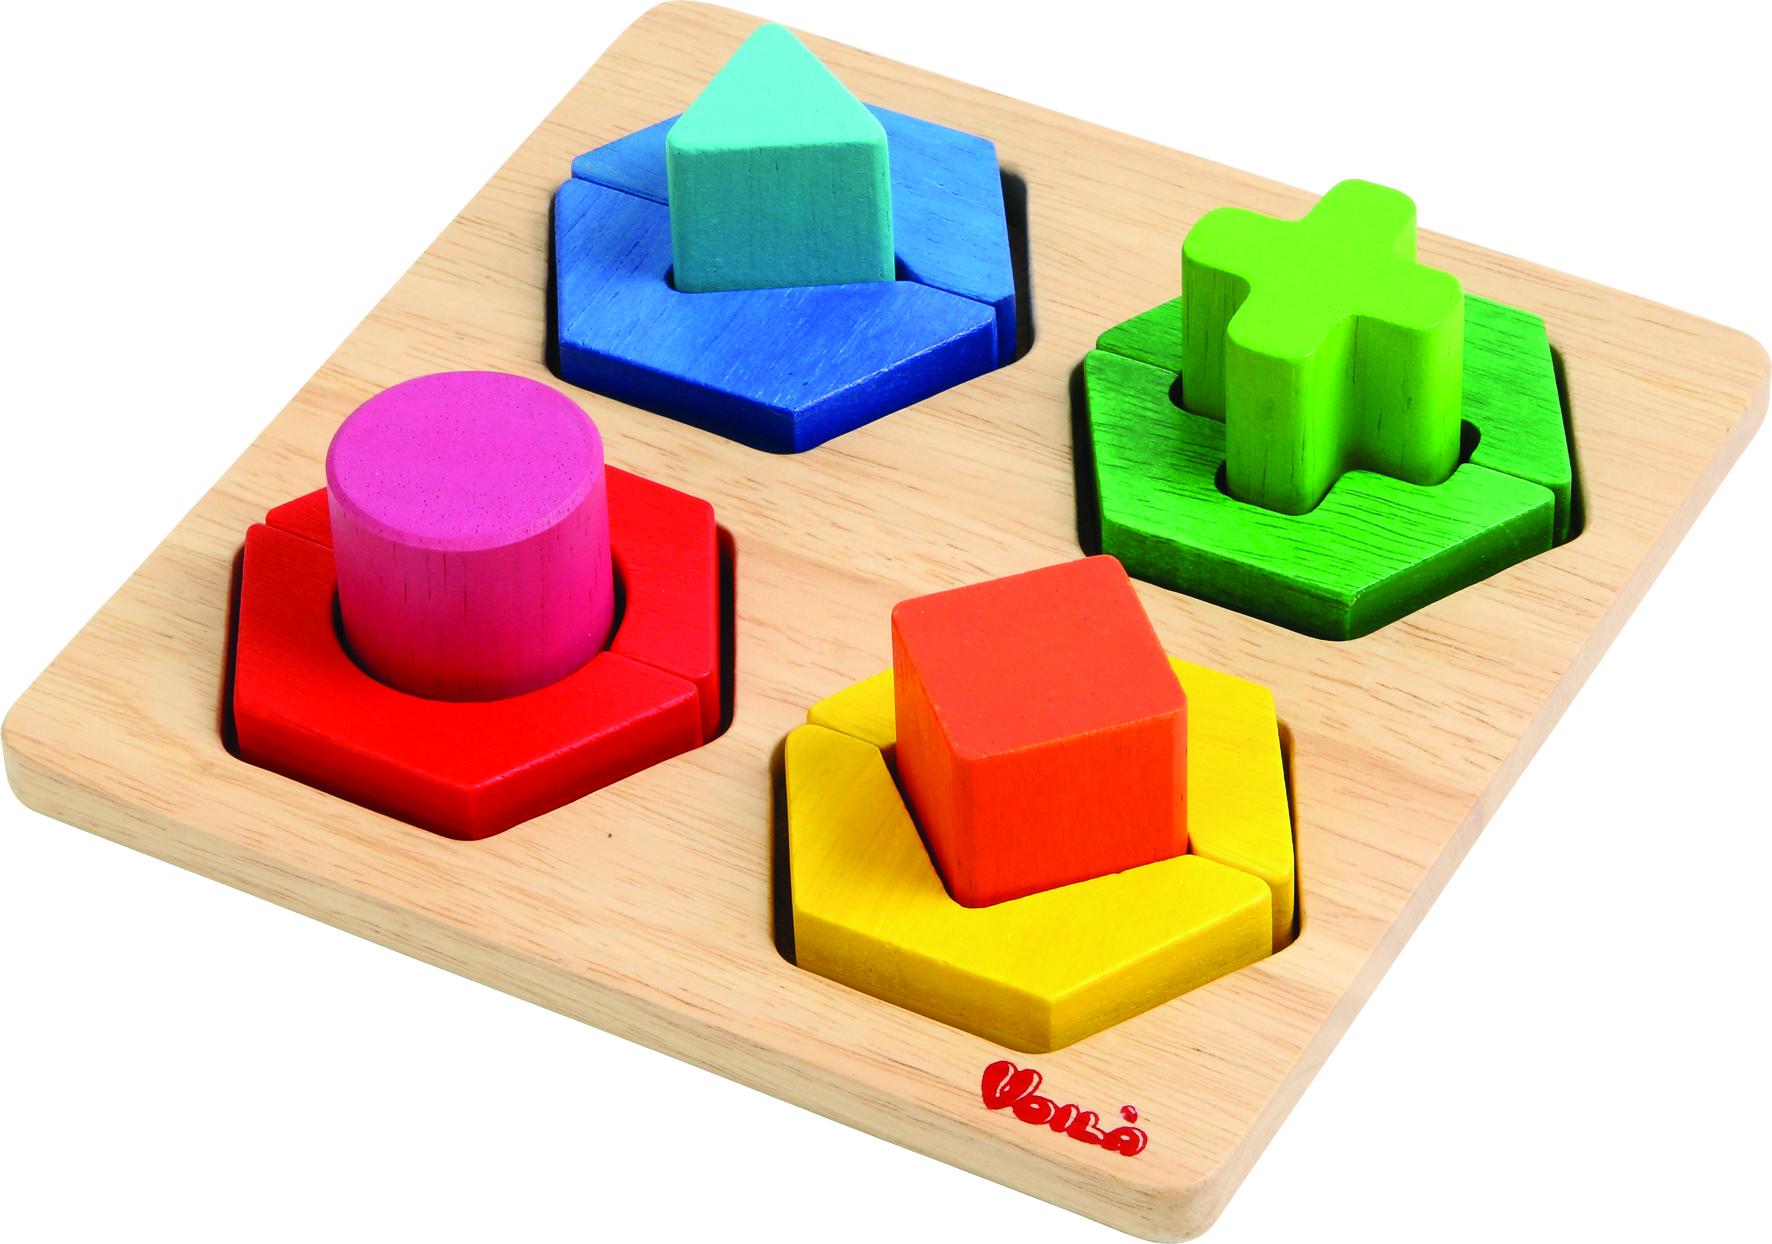 กระดานเรขาคณิตหลากสี ของเล่นเสริมสร้างสติปัญญา ของเล่นฝึกสมอง